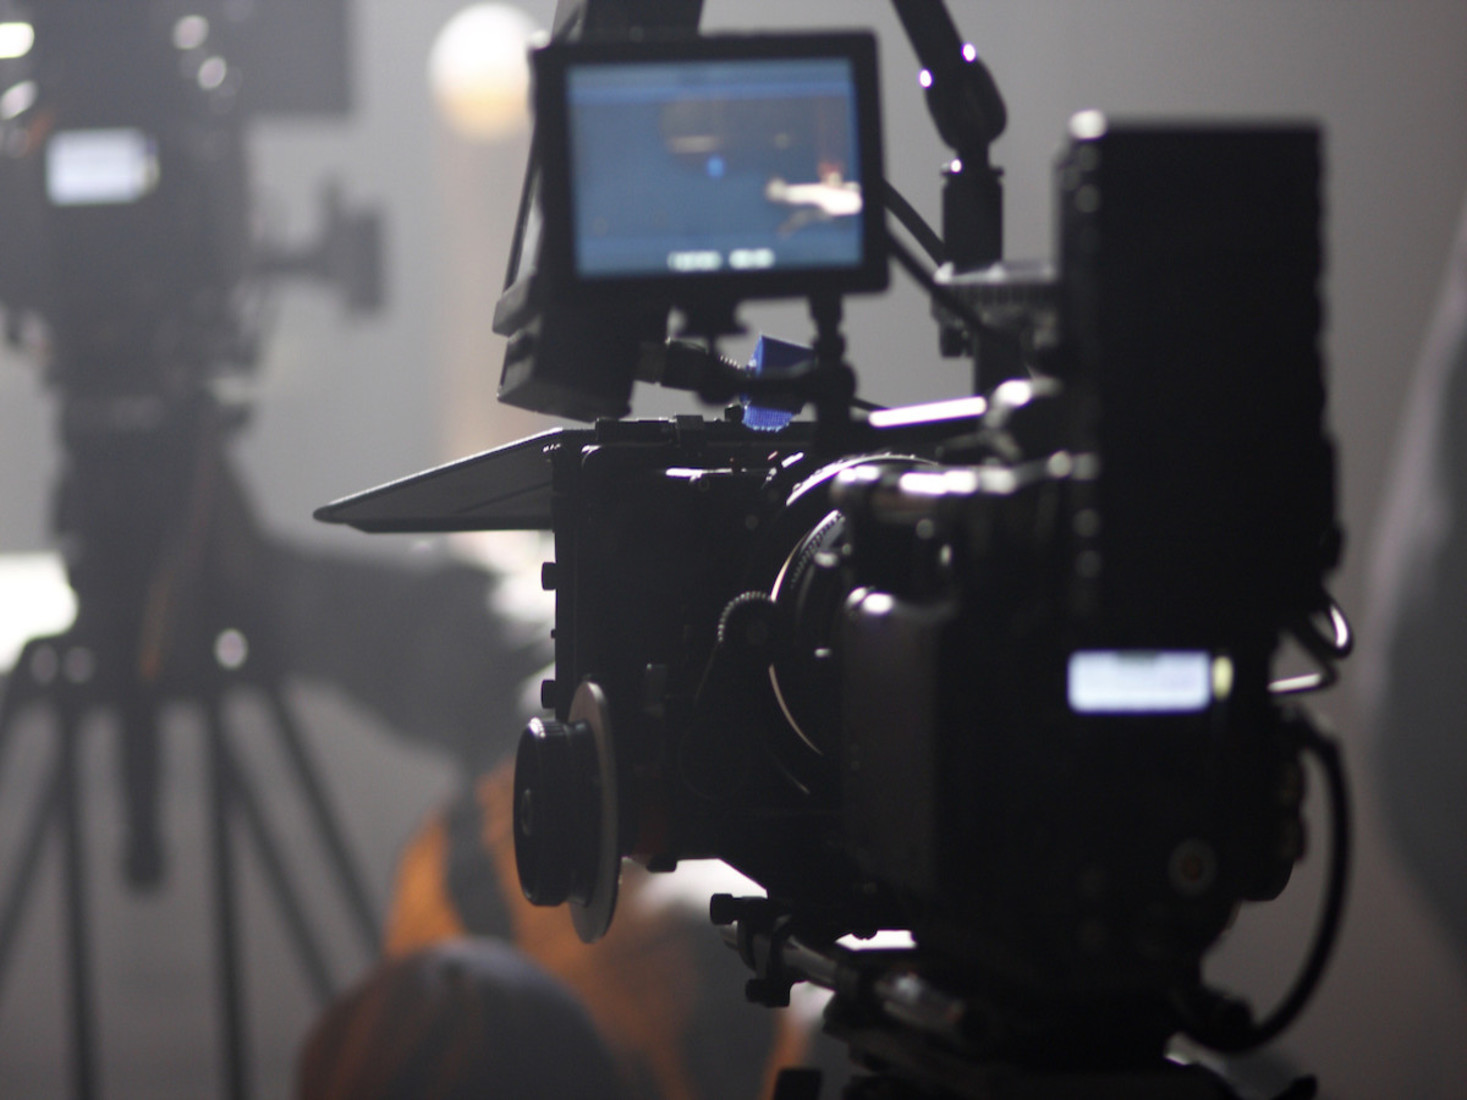 पहला सहायक कैमरा कौन है? दूसरा सहायक कैमरा कौन है? कैमरा सहायक क्या करते हैं?